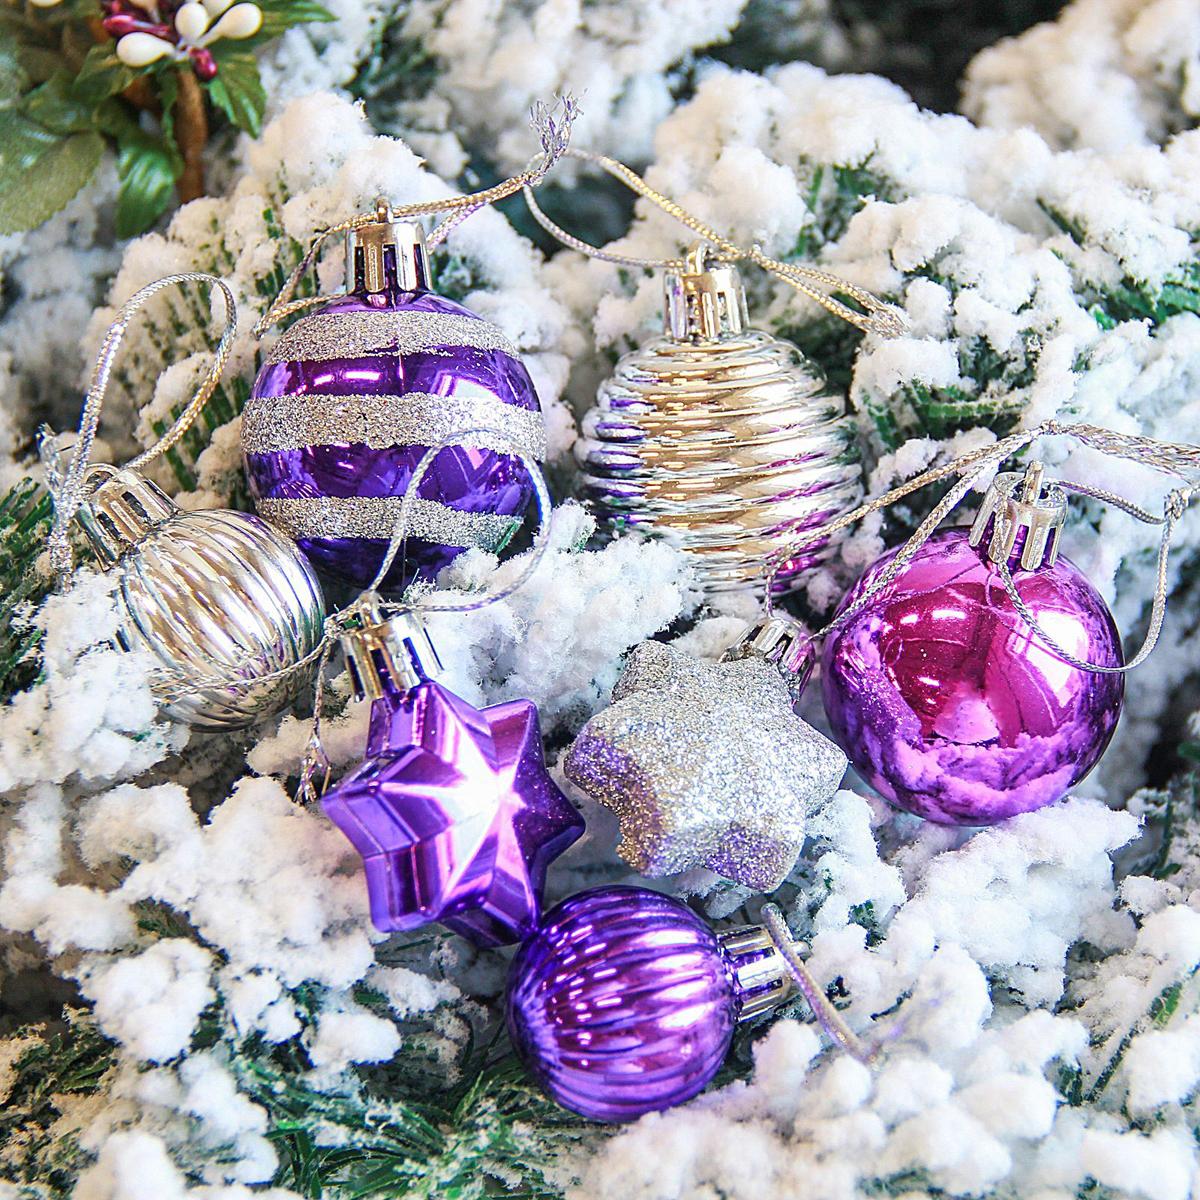 Набор новогодних подвесных украшений Sima-land Серпантин, цвет: фиолетовый, 21 шт2122891Набор новогодних подвесных украшений Sima-land отлично подойдет для декорации вашего дома и новогодней ели. С помощью специальной петельки украшение можно повесить в любом понравившемся вам месте. Но, конечно, удачнее всего оно будет смотреться на праздничной елке. Елочная игрушка - символ Нового года. Она несет в себе волшебство и красоту праздника. Создайте в своем доме атмосферу веселья и радости, украшая новогоднюю елку нарядными игрушками, которые будут из года в год накапливать теплоту воспоминаний.